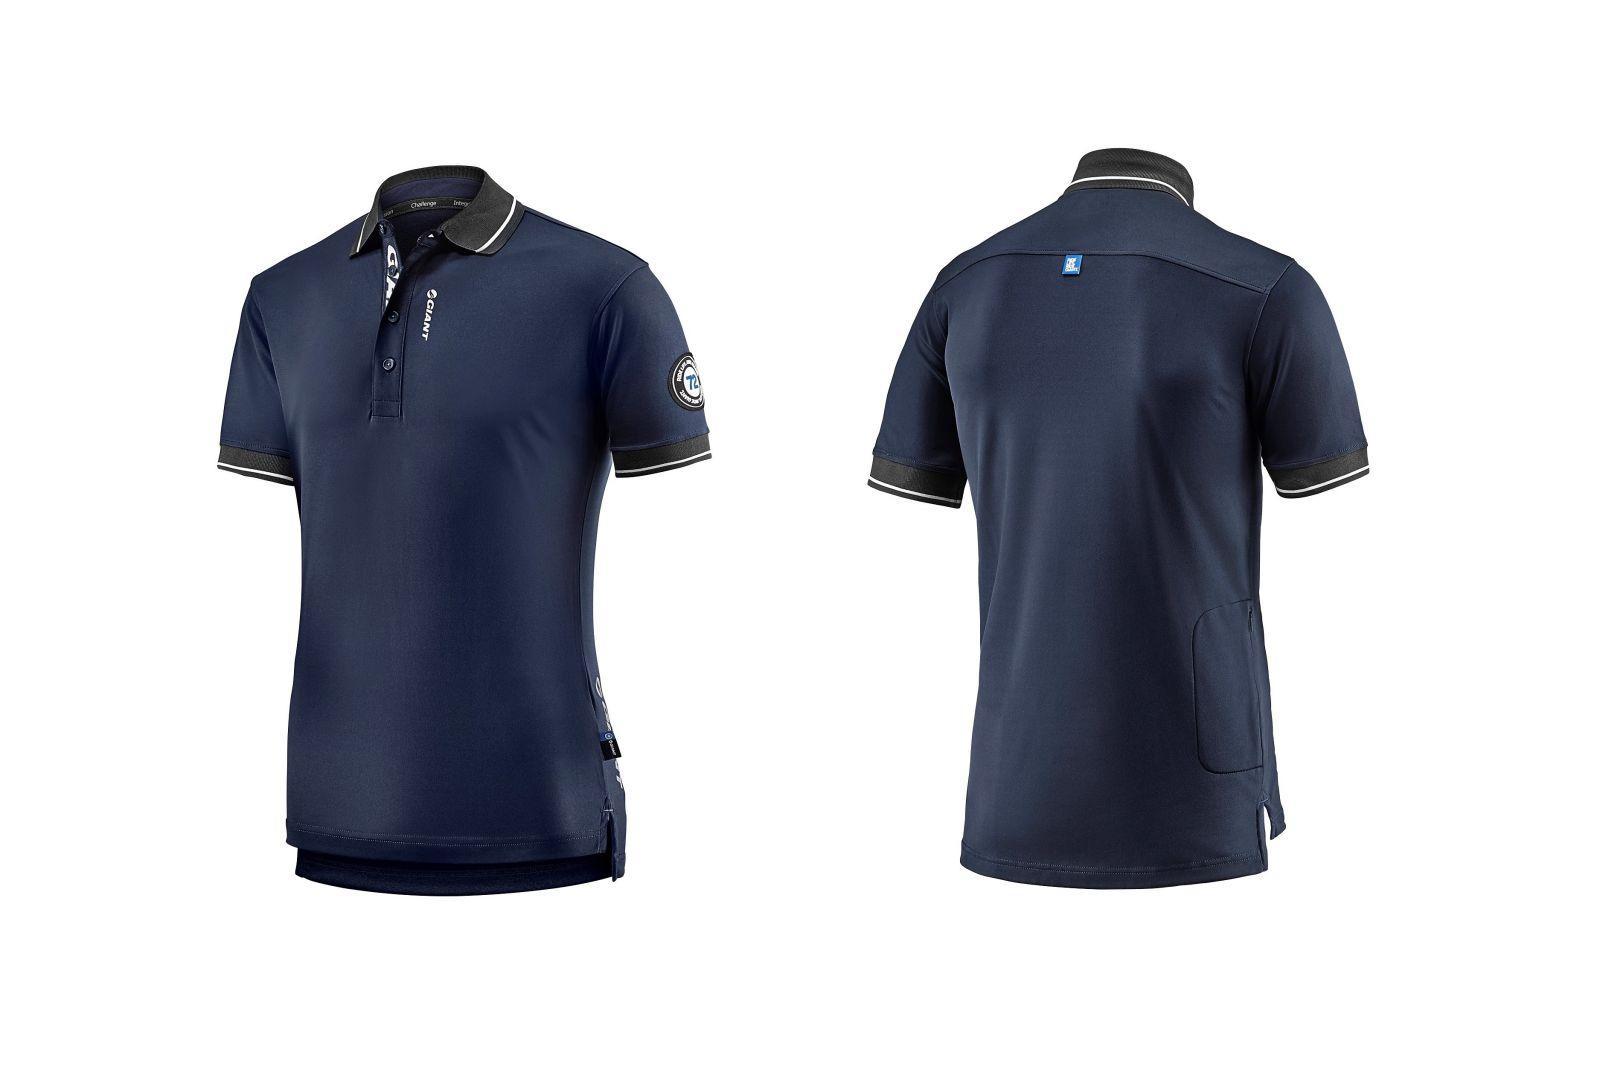 Gia Huy cơ sở sản xuất áo thun đồng phục chất lượng